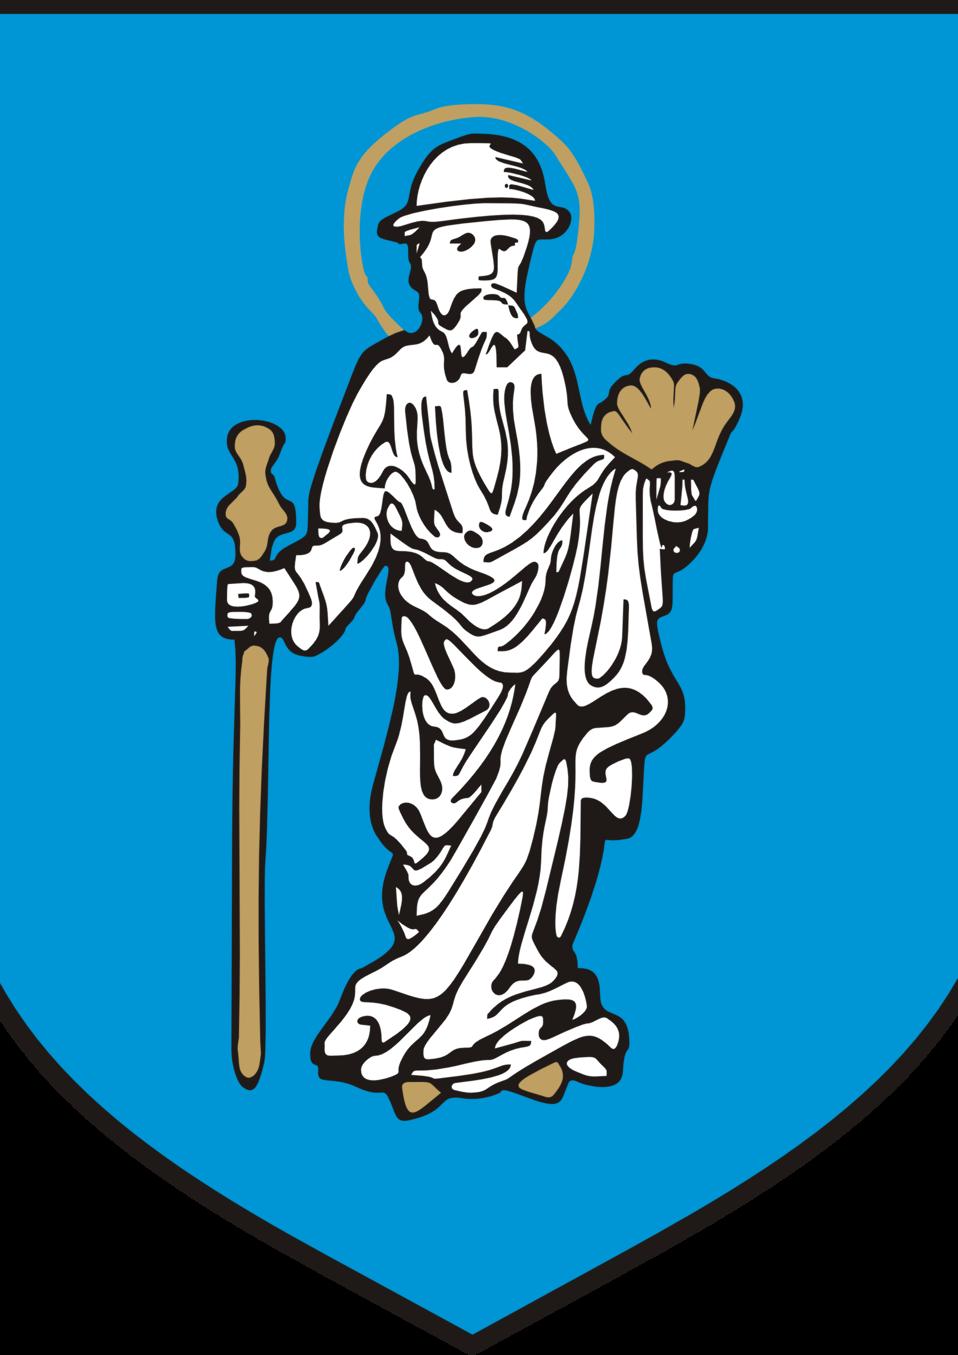 Olsztyn - coat of arms